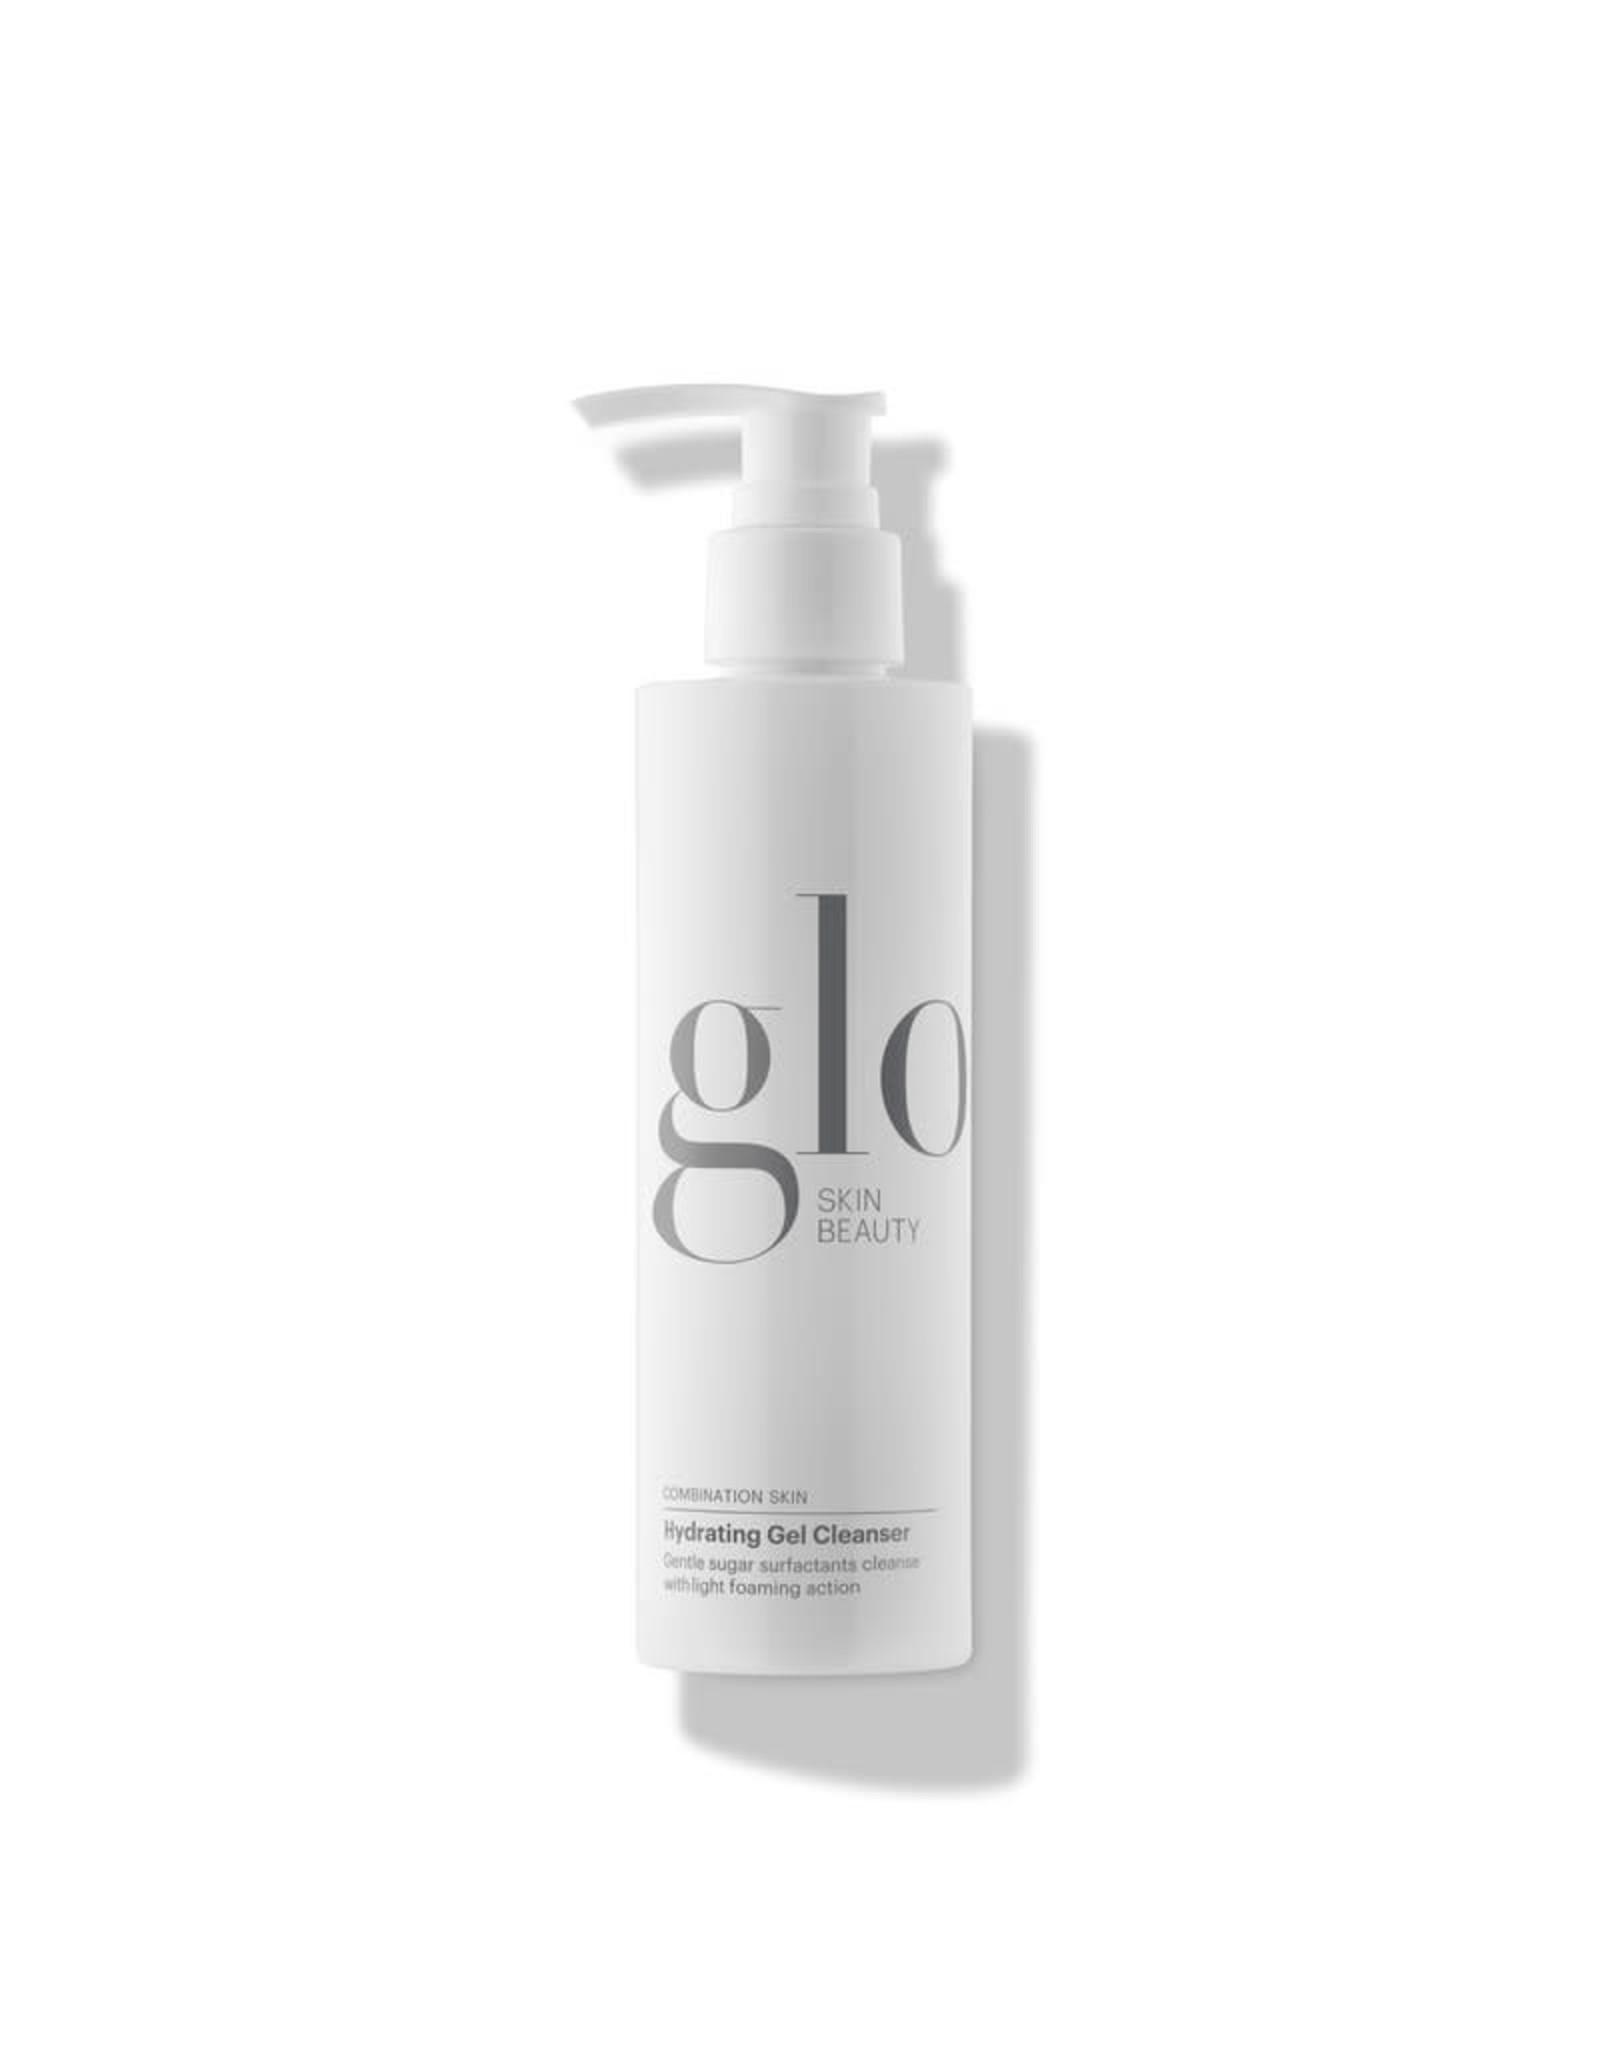 Glo Skin Beauty Hydrating Gel Cleanser